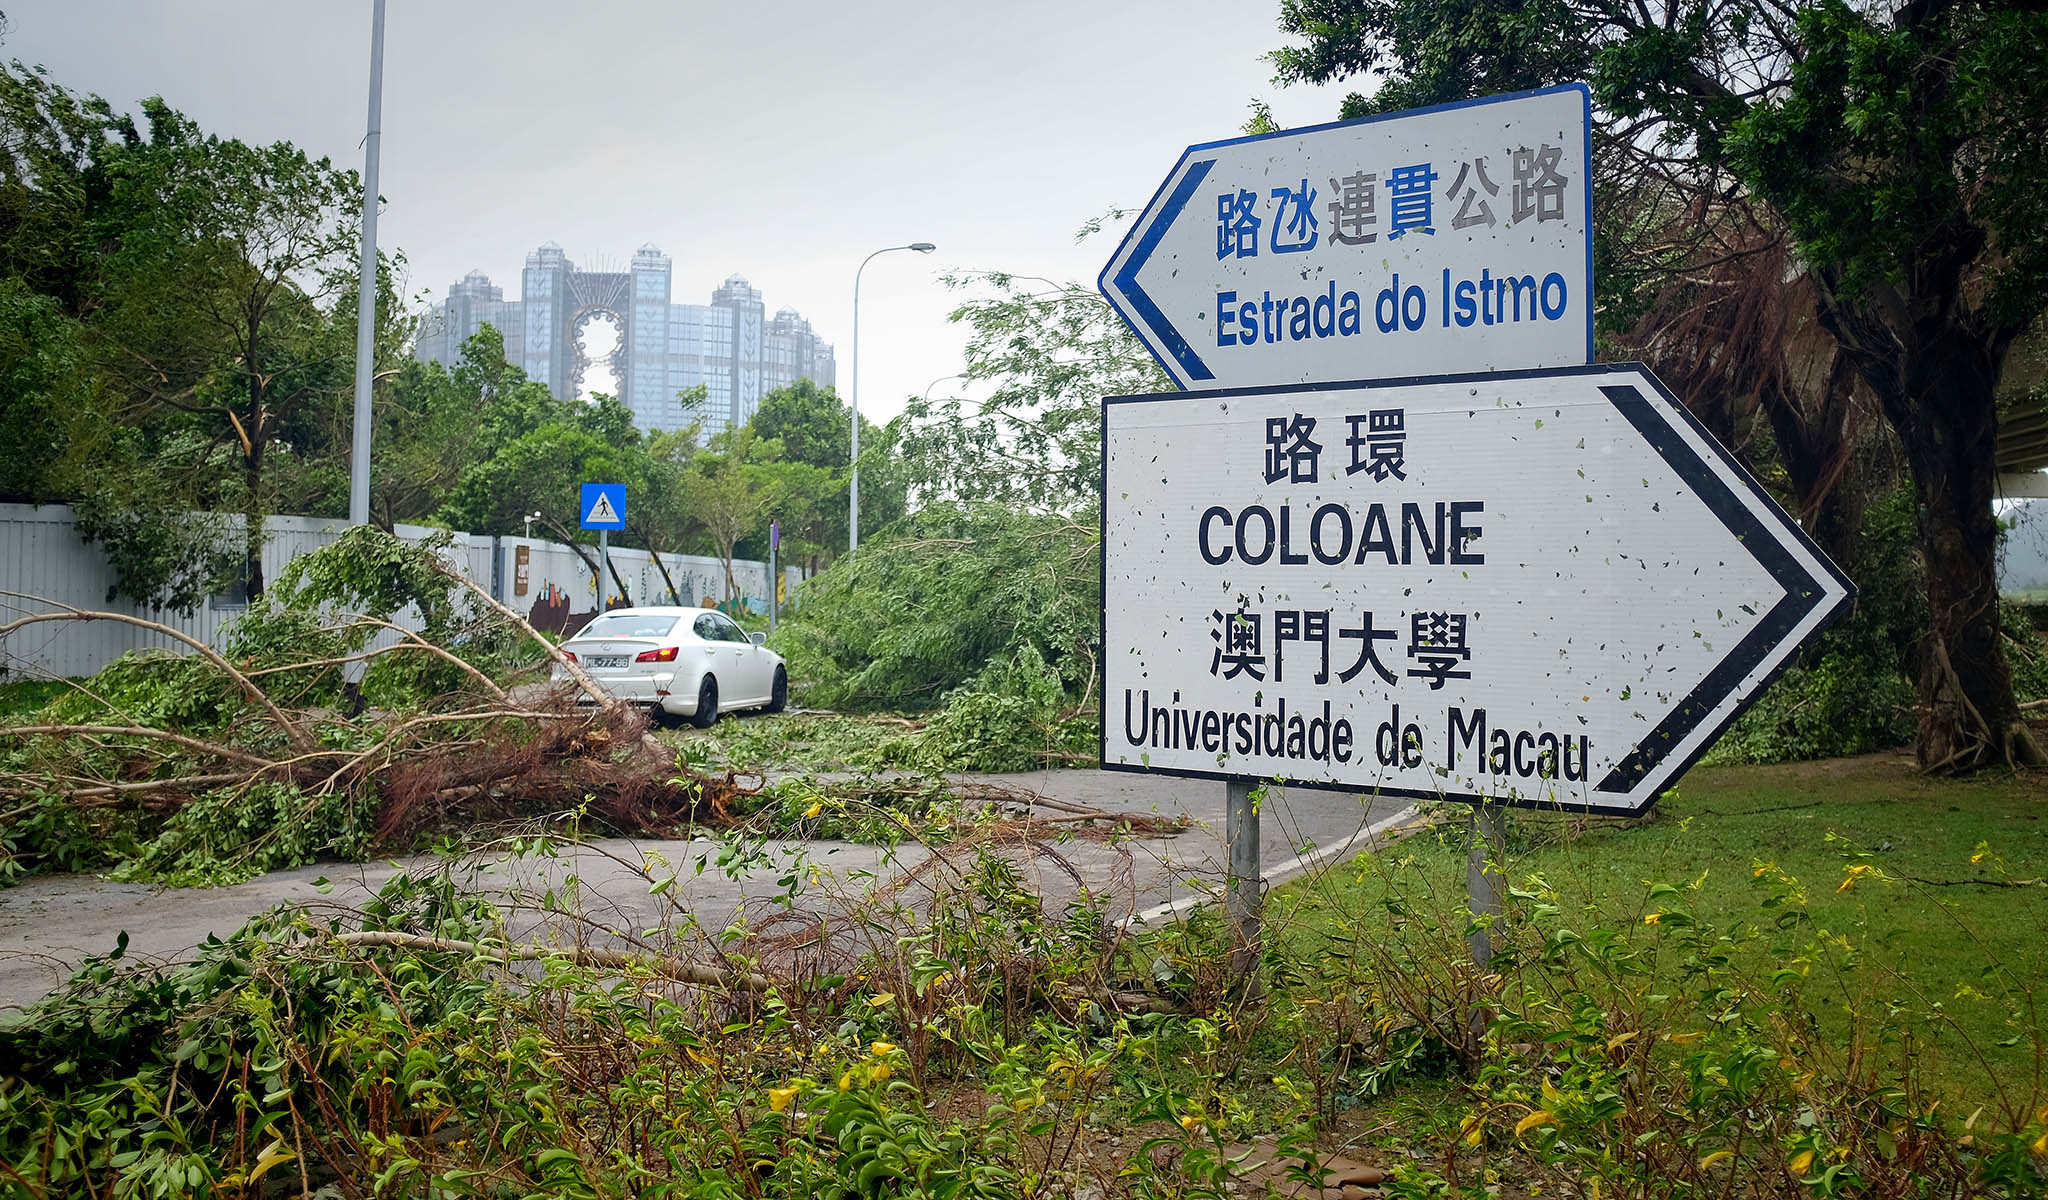 Associação denuncia atraso nas obras contra inundações em Coloane